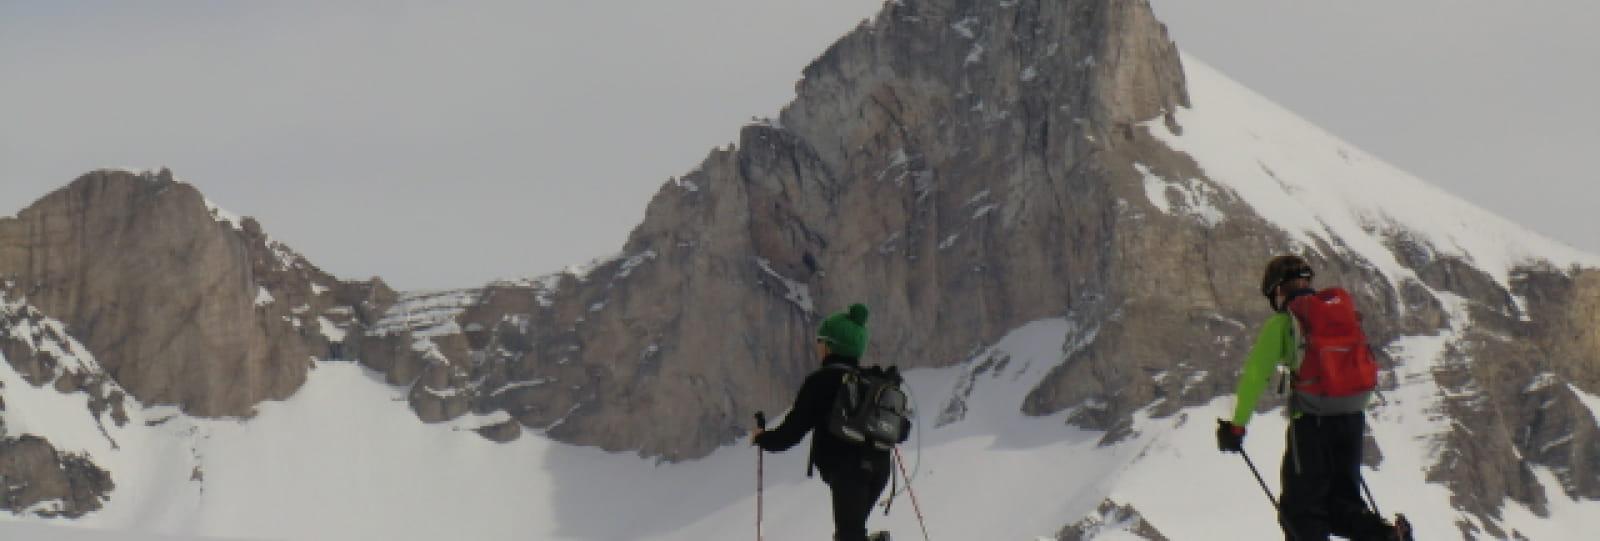 Ski de randonnée avec Yves Gaillard